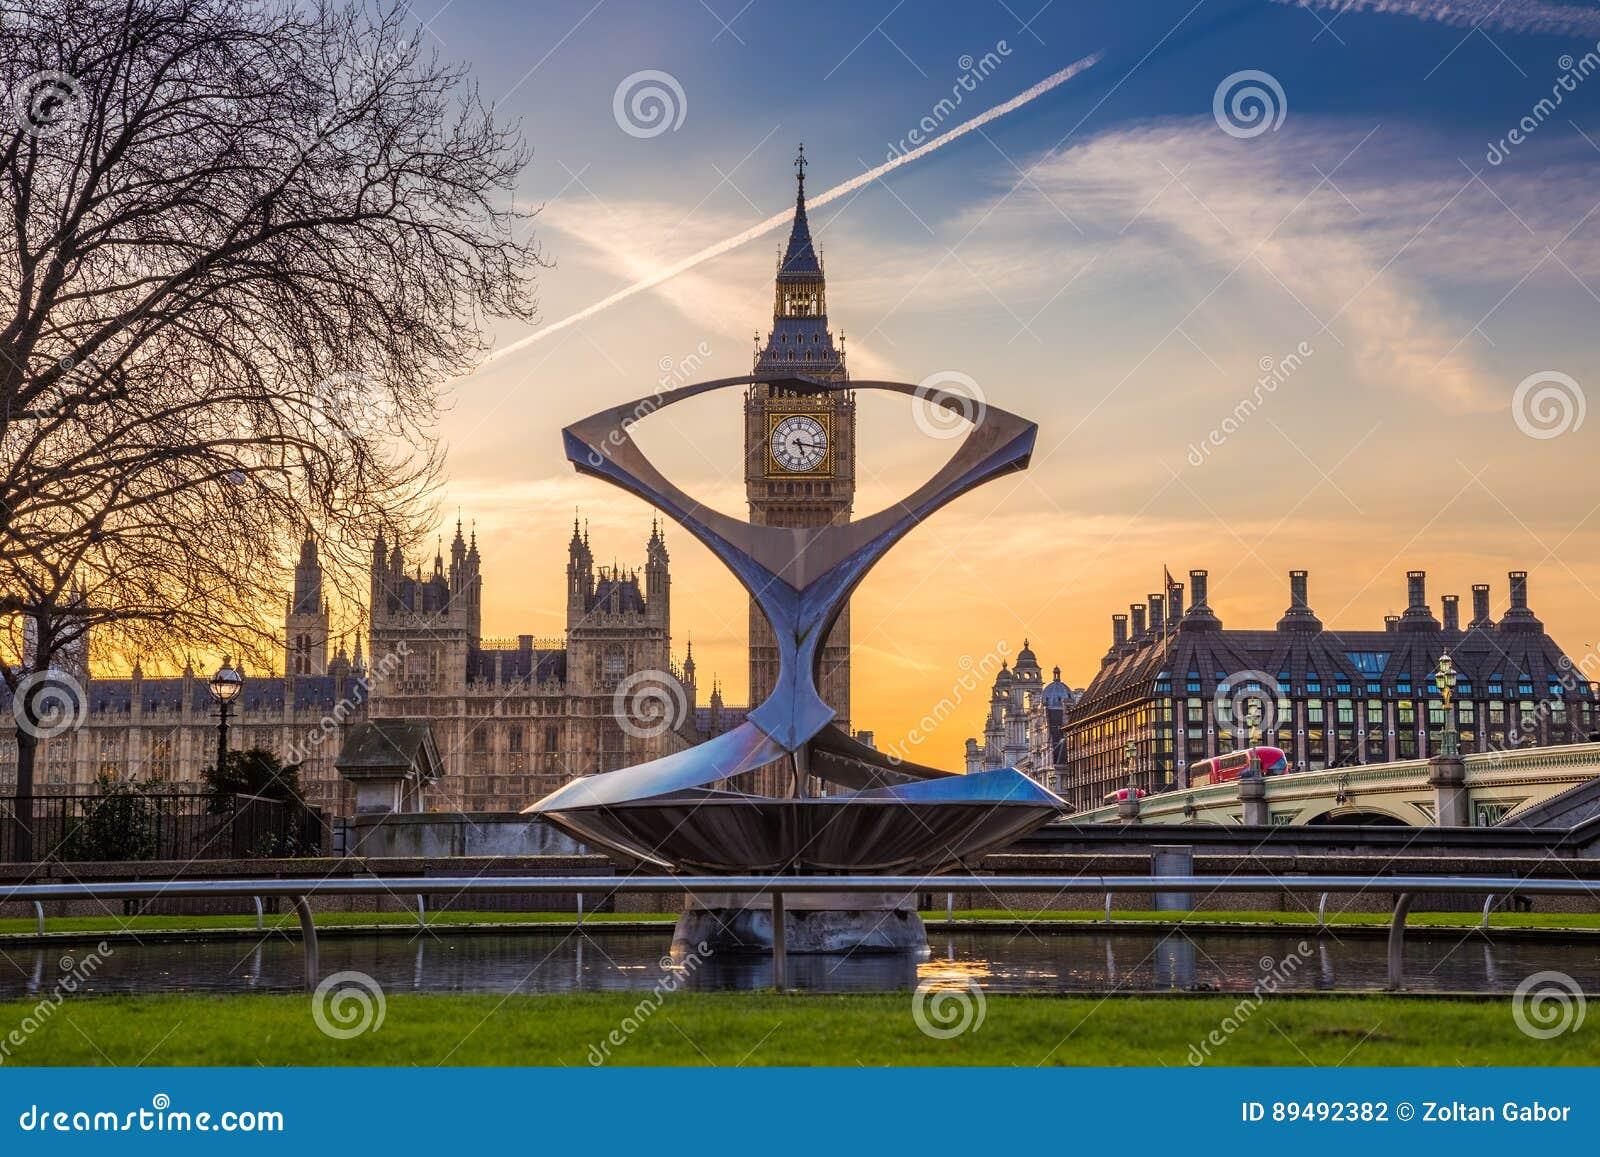 Λονδίνο, Αγγλία - το Big Ben, το διάσημο εικονίδιο του Λονδίνου με τις Βουλές του Κοινοβουλίου και των κόκκινων διπλών λεωφορείων